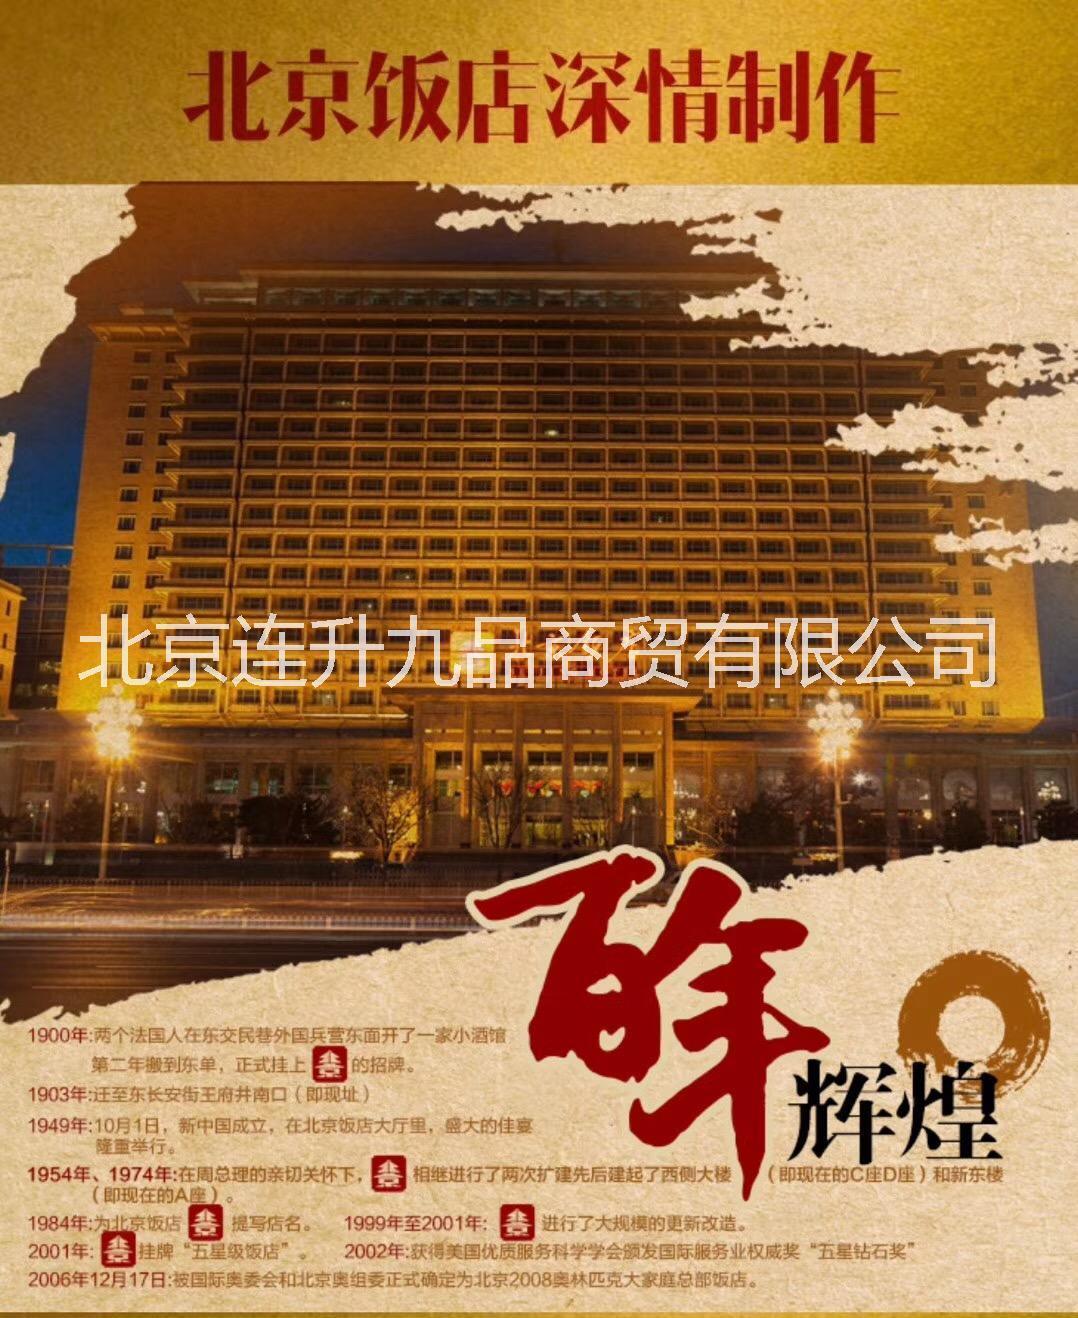 北京百年美酒北京饭店百年酒52度百年美酒百年美酒鎏金瓶北京饭店百年美酒价格